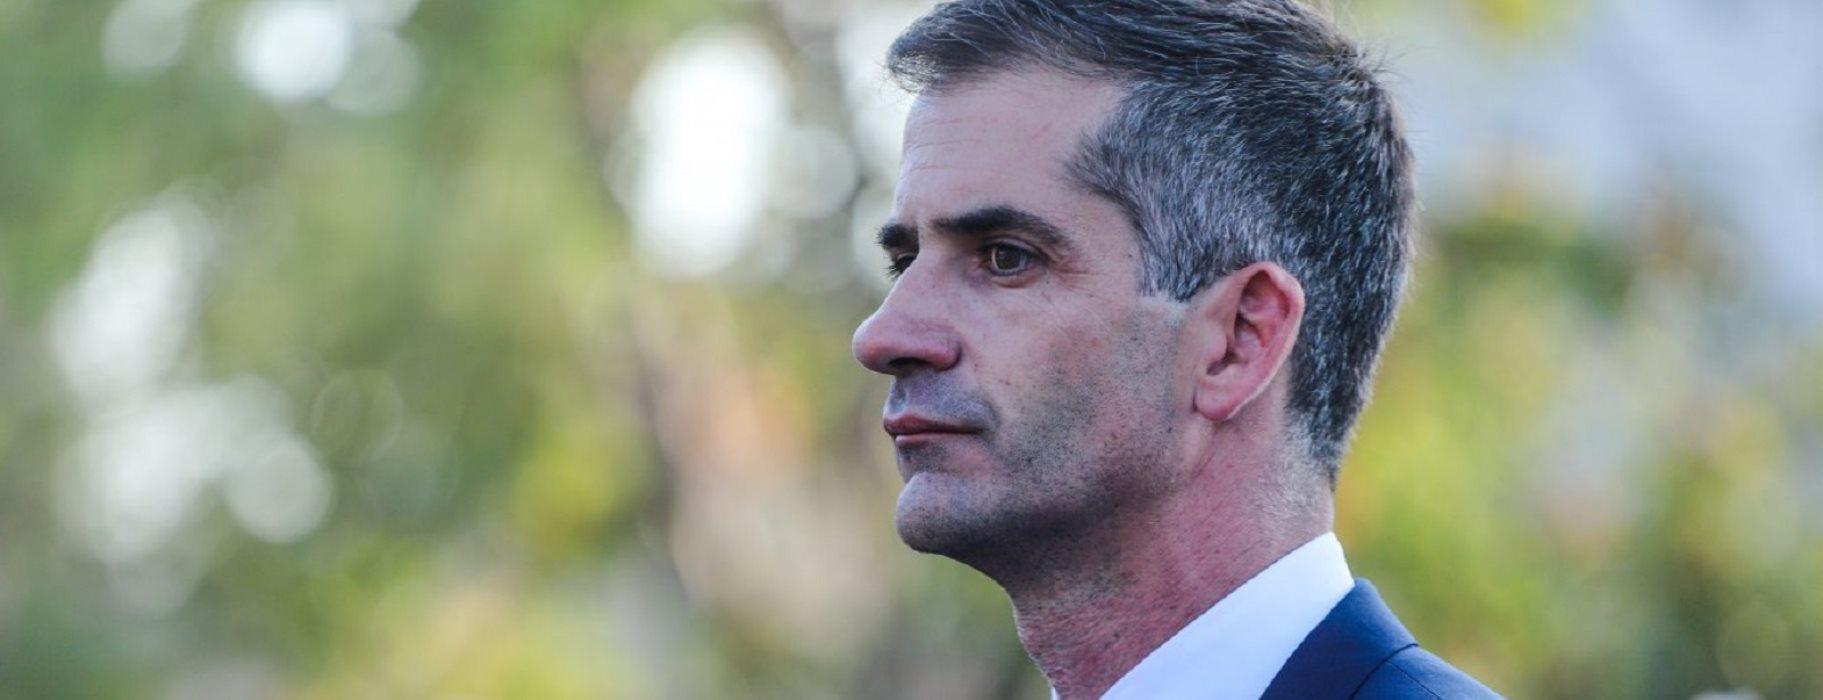 """Ο Δήμαρχος της Αθήνας """"αγκαλιάζει"""" τις ευπαθείς ομάδες πολιτών"""